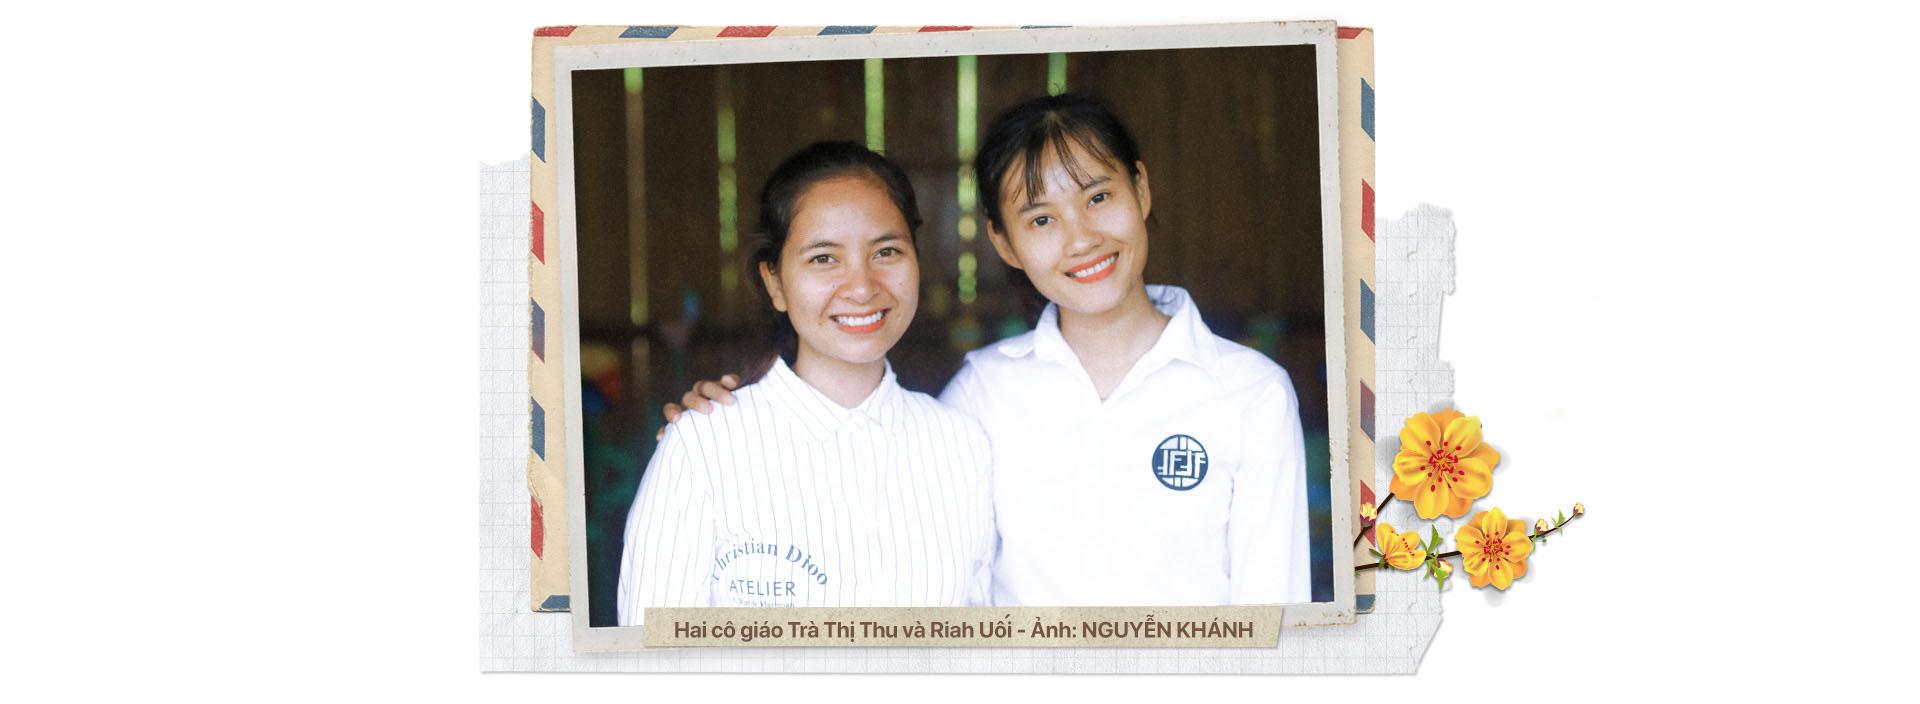 H'Hen Nie đến với cô trò Tắk Pổ - Ảnh 18.